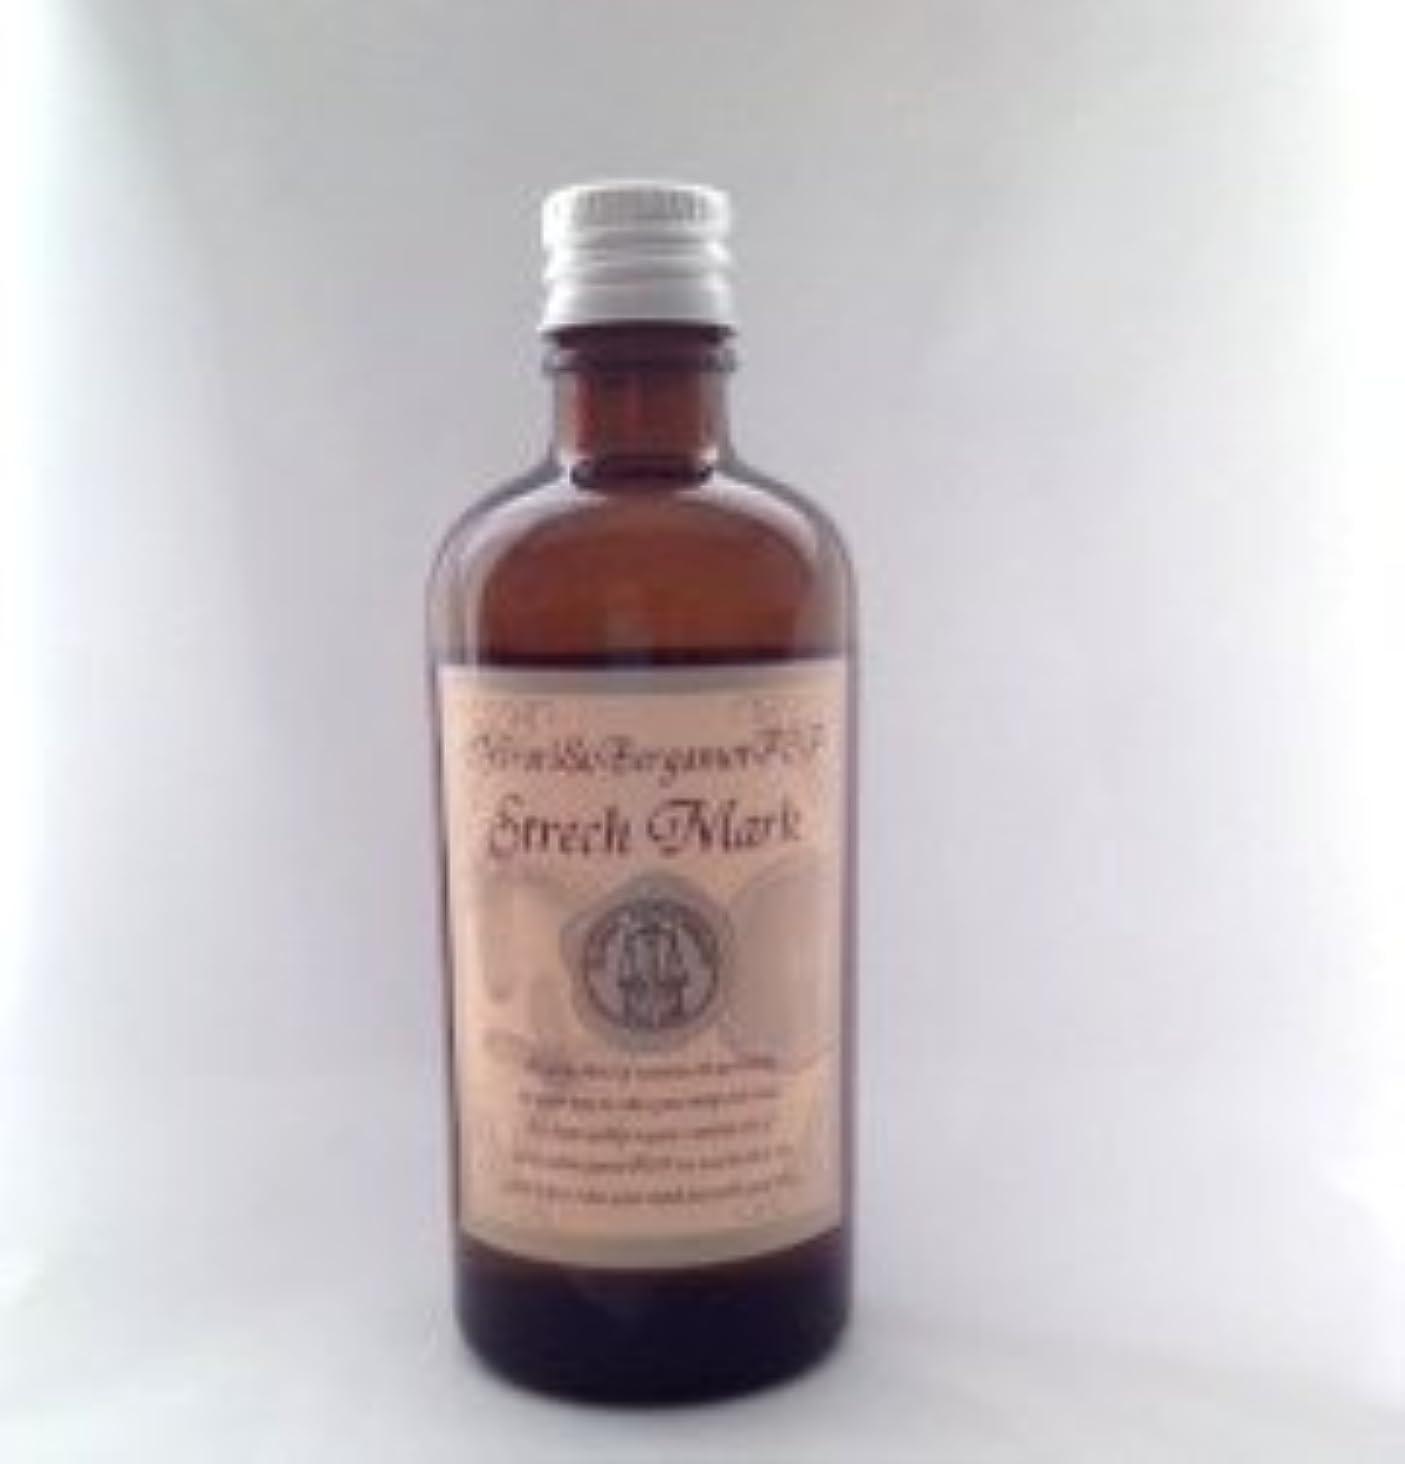 あさり部分リブヒーリングボディアロマオイル ストレッチマーク 105ml ネロリ&ベルガモットFCFの香り